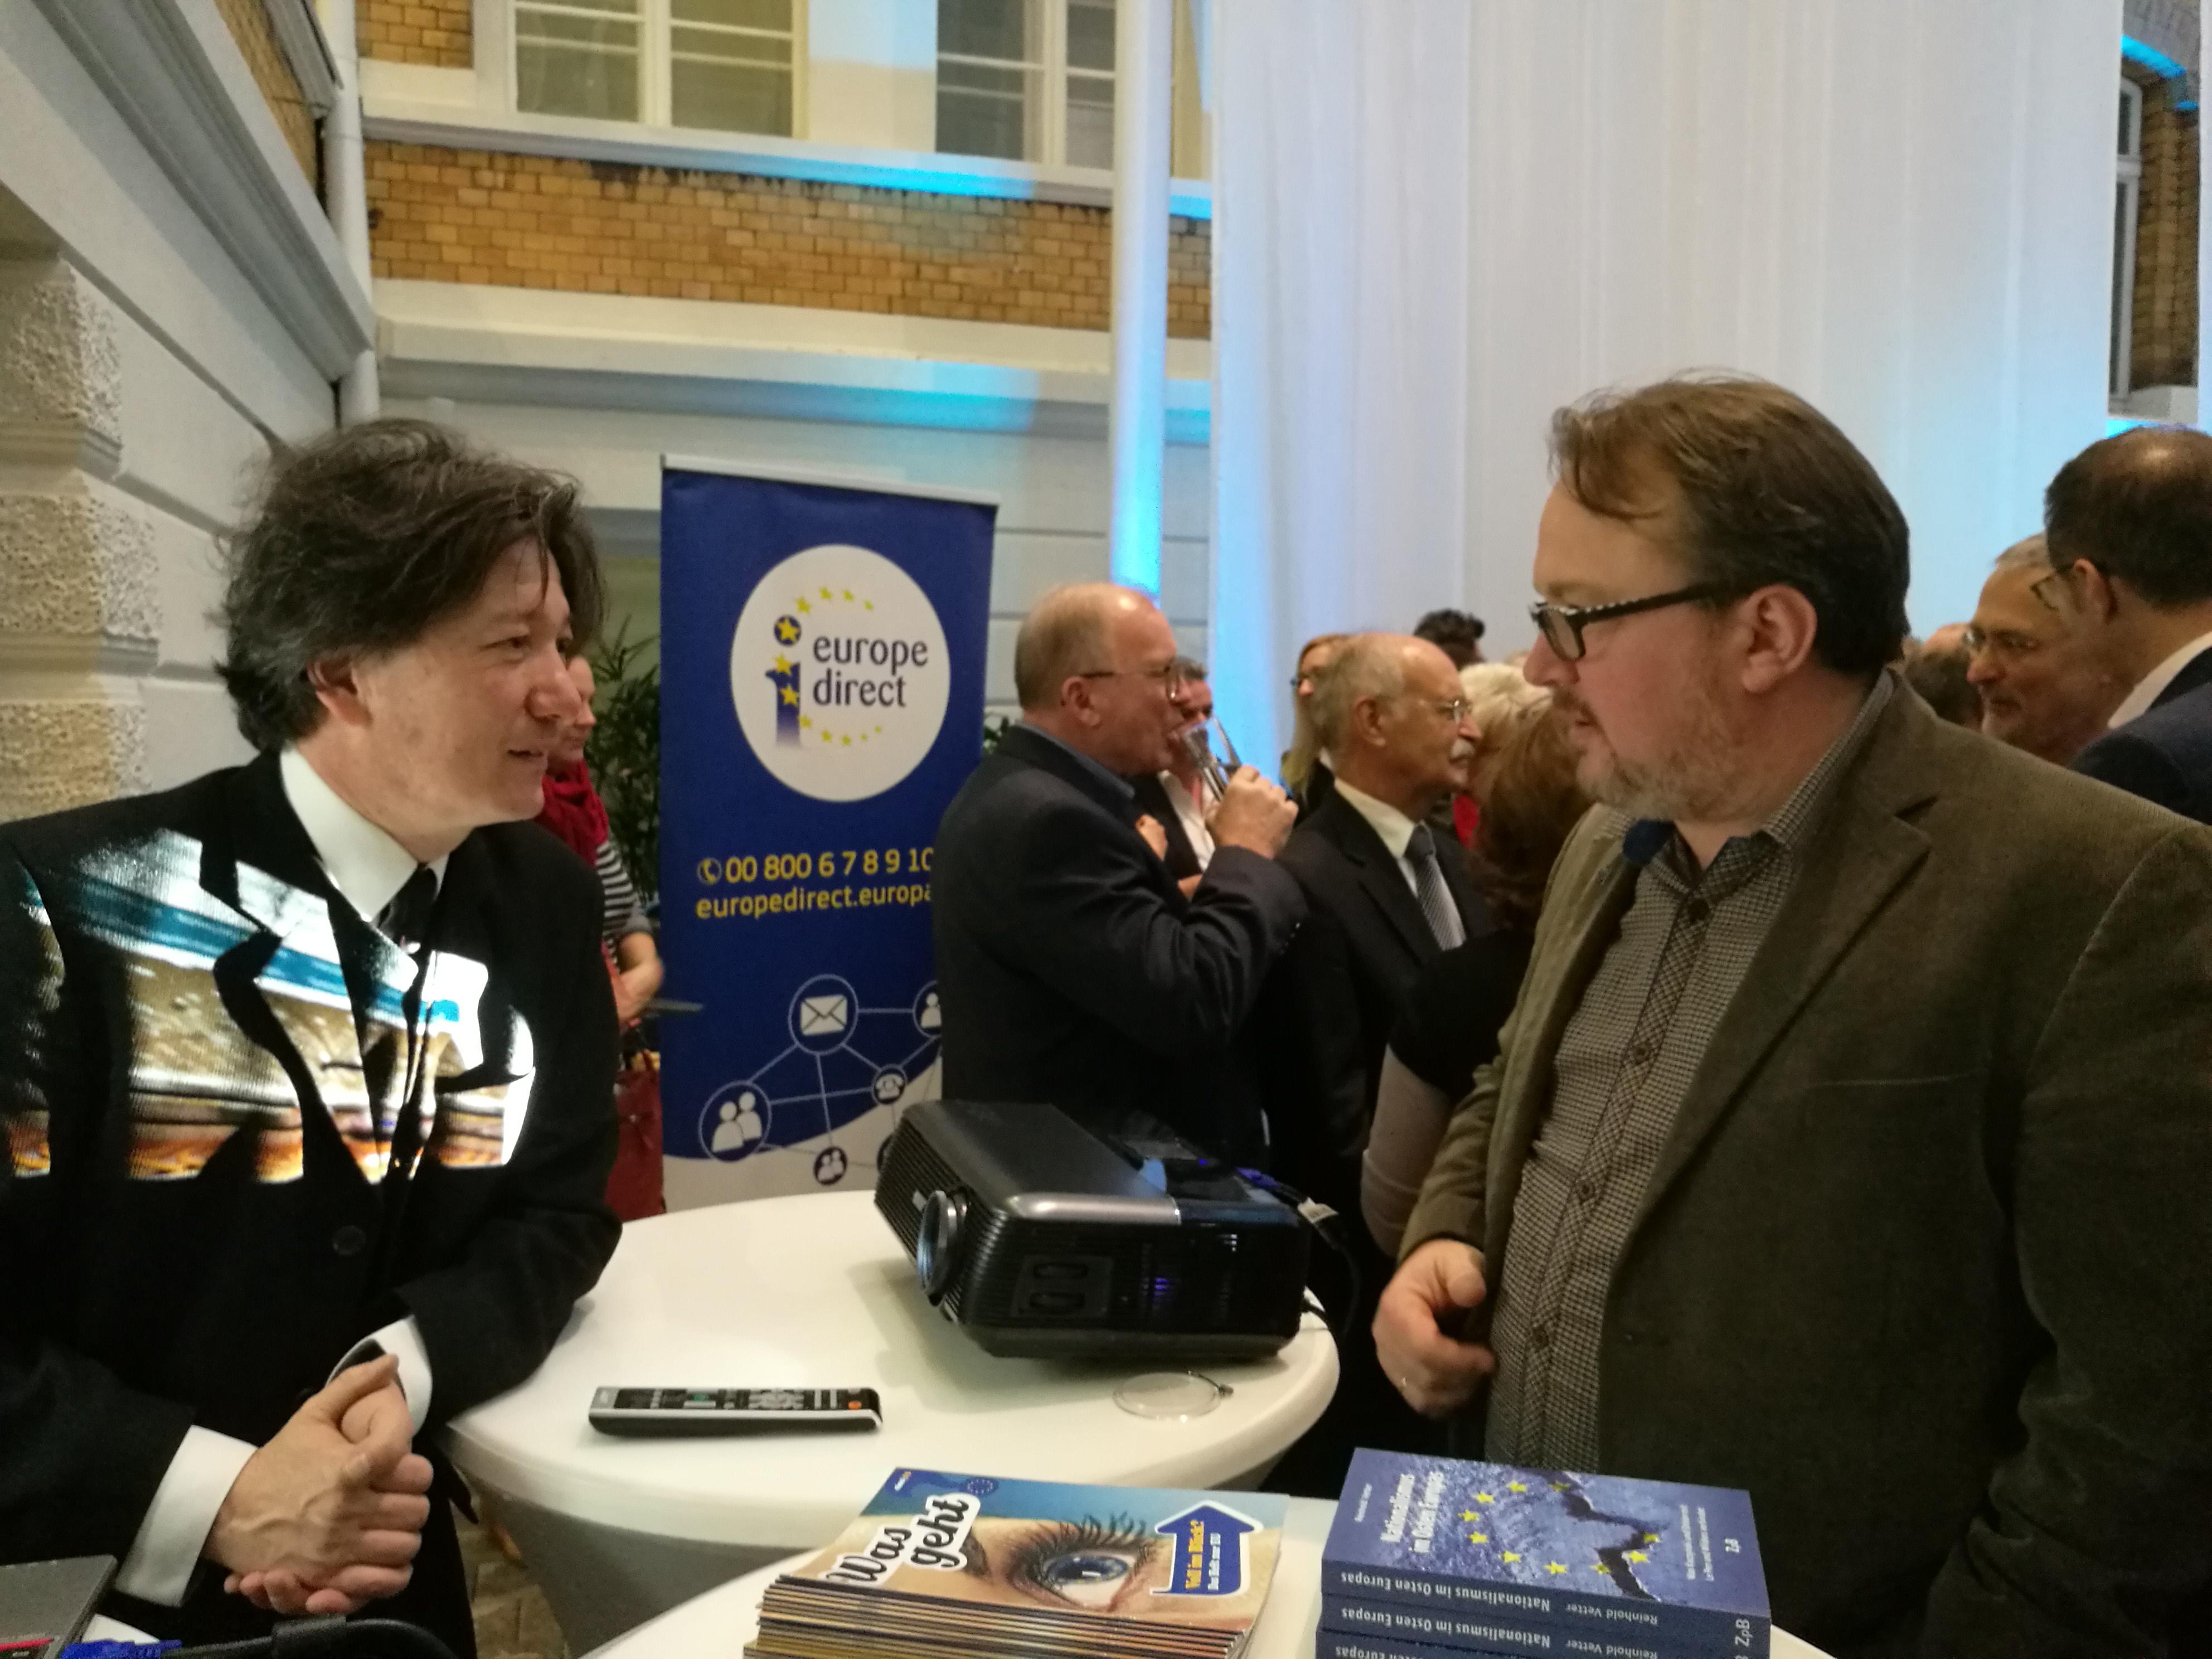 des EUROPE DIRECT Informationszentrum Sachsen-Anhalt und der ...